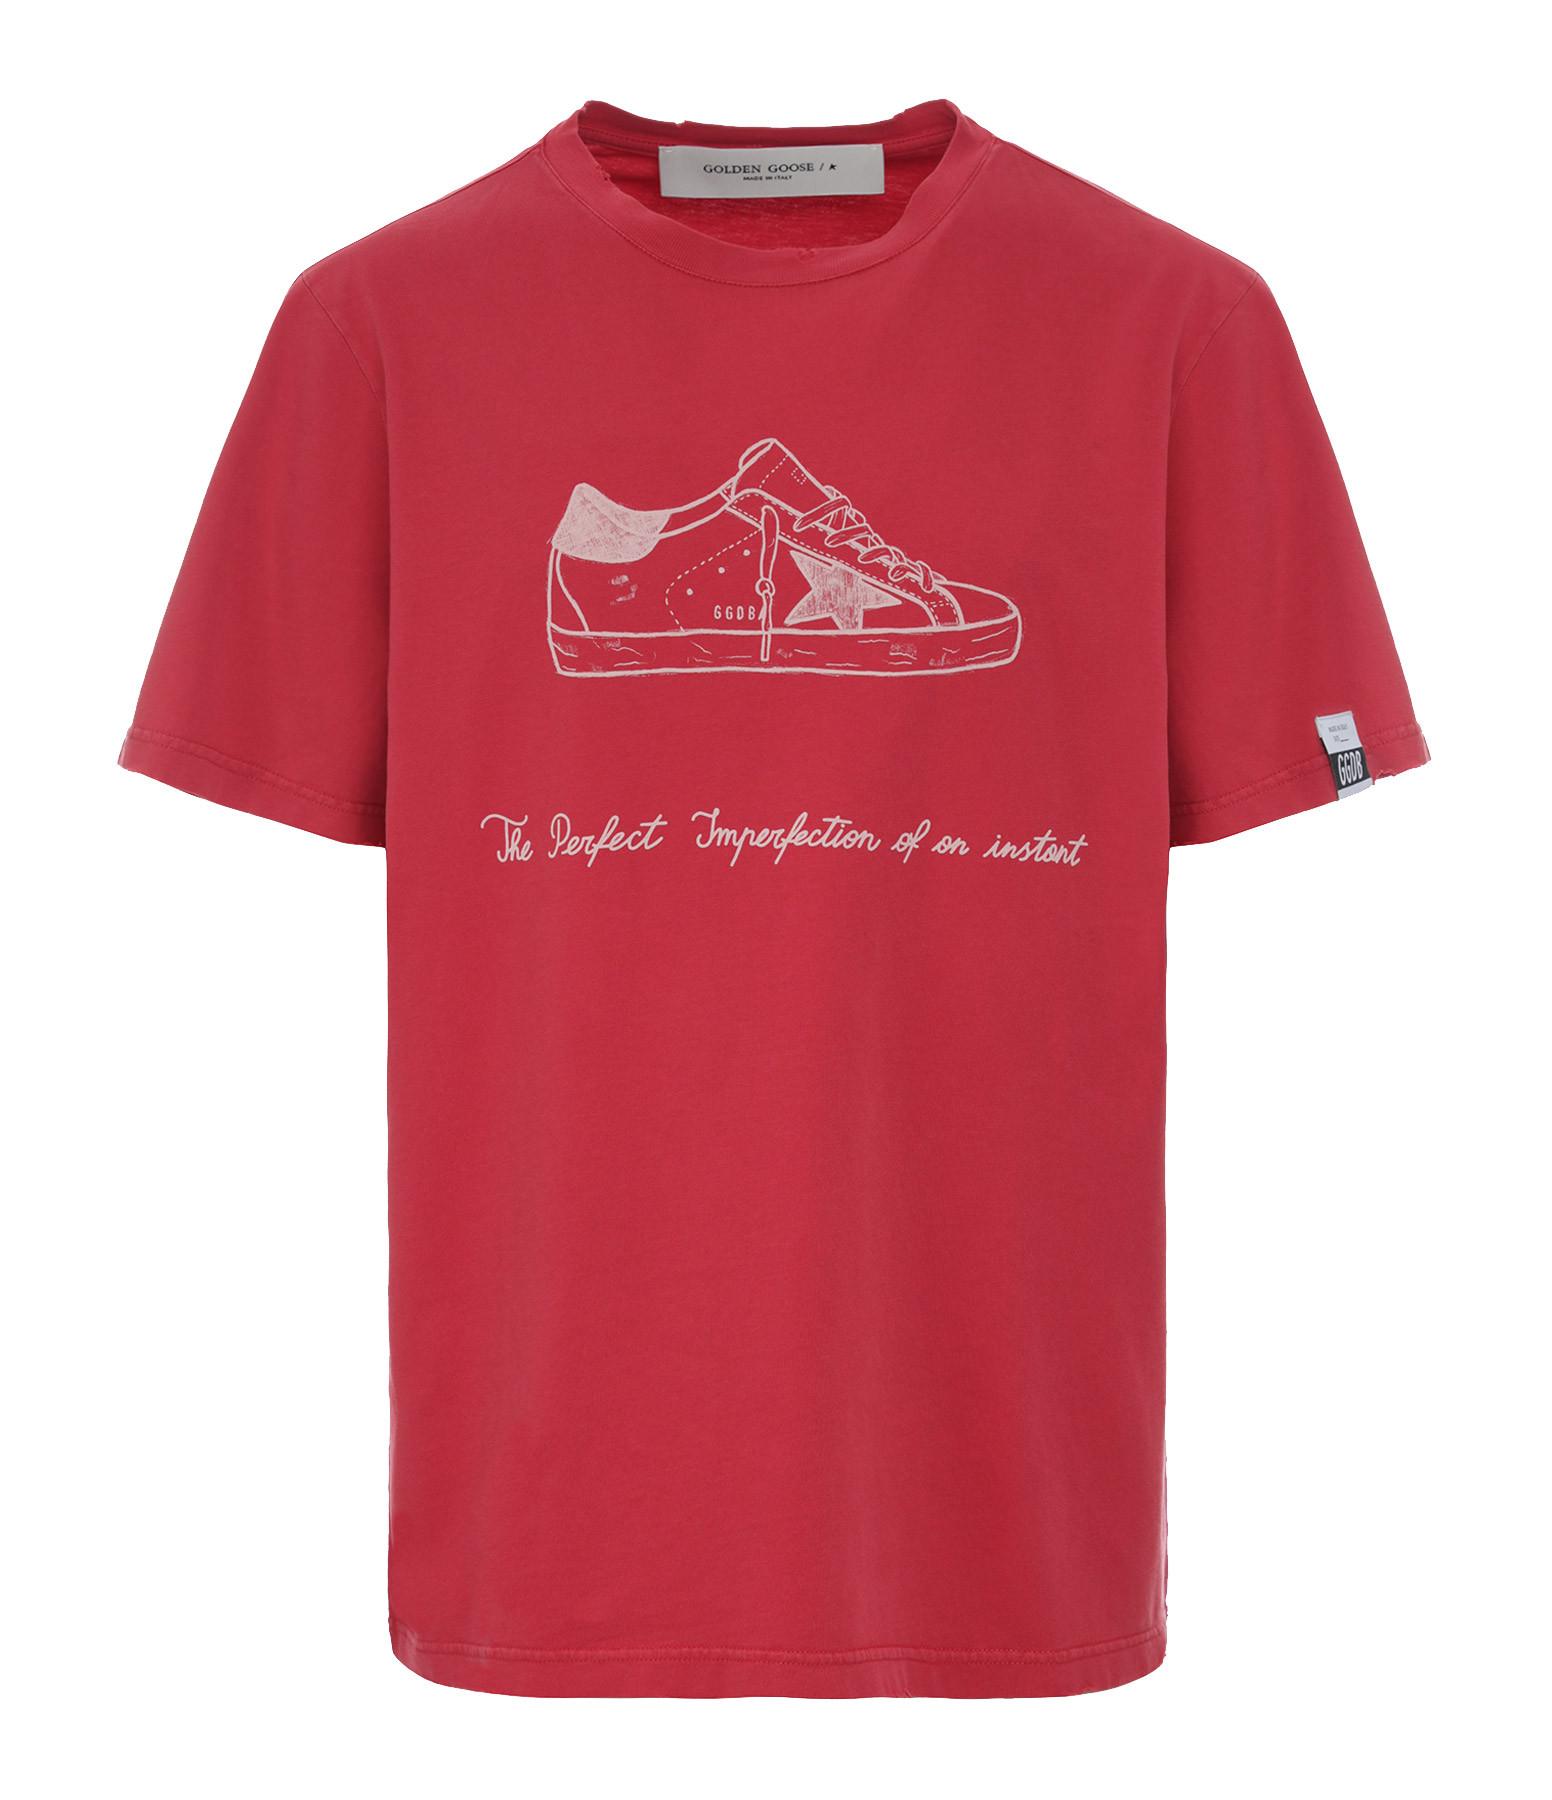 GOLDEN GOOSE - Tee-shirt Homme Adamo Superstar Coton Rouge Blanc